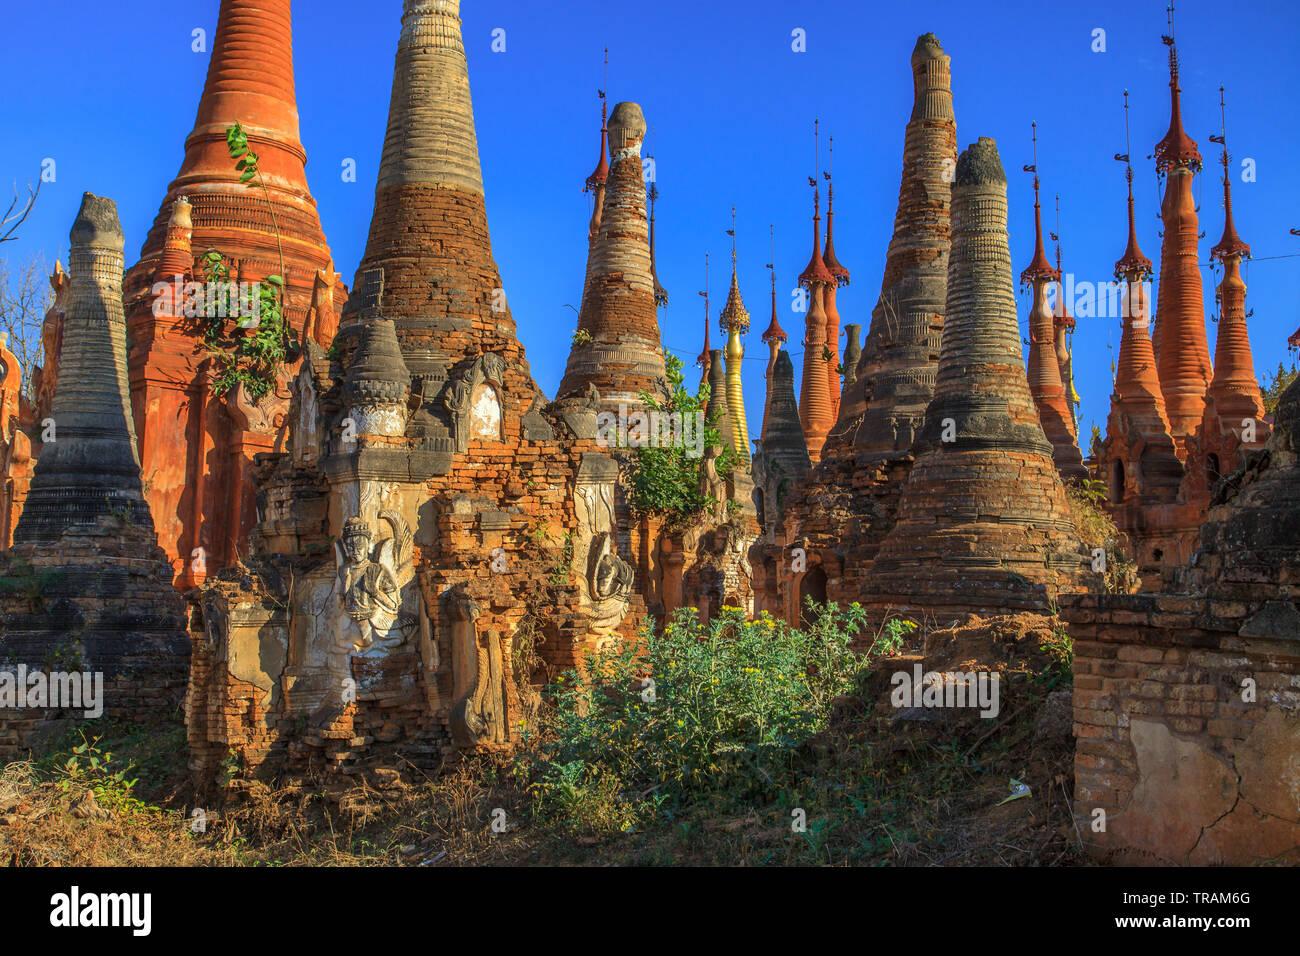 Shwe Inn Dein pagoda, Myanmar Stock Photo